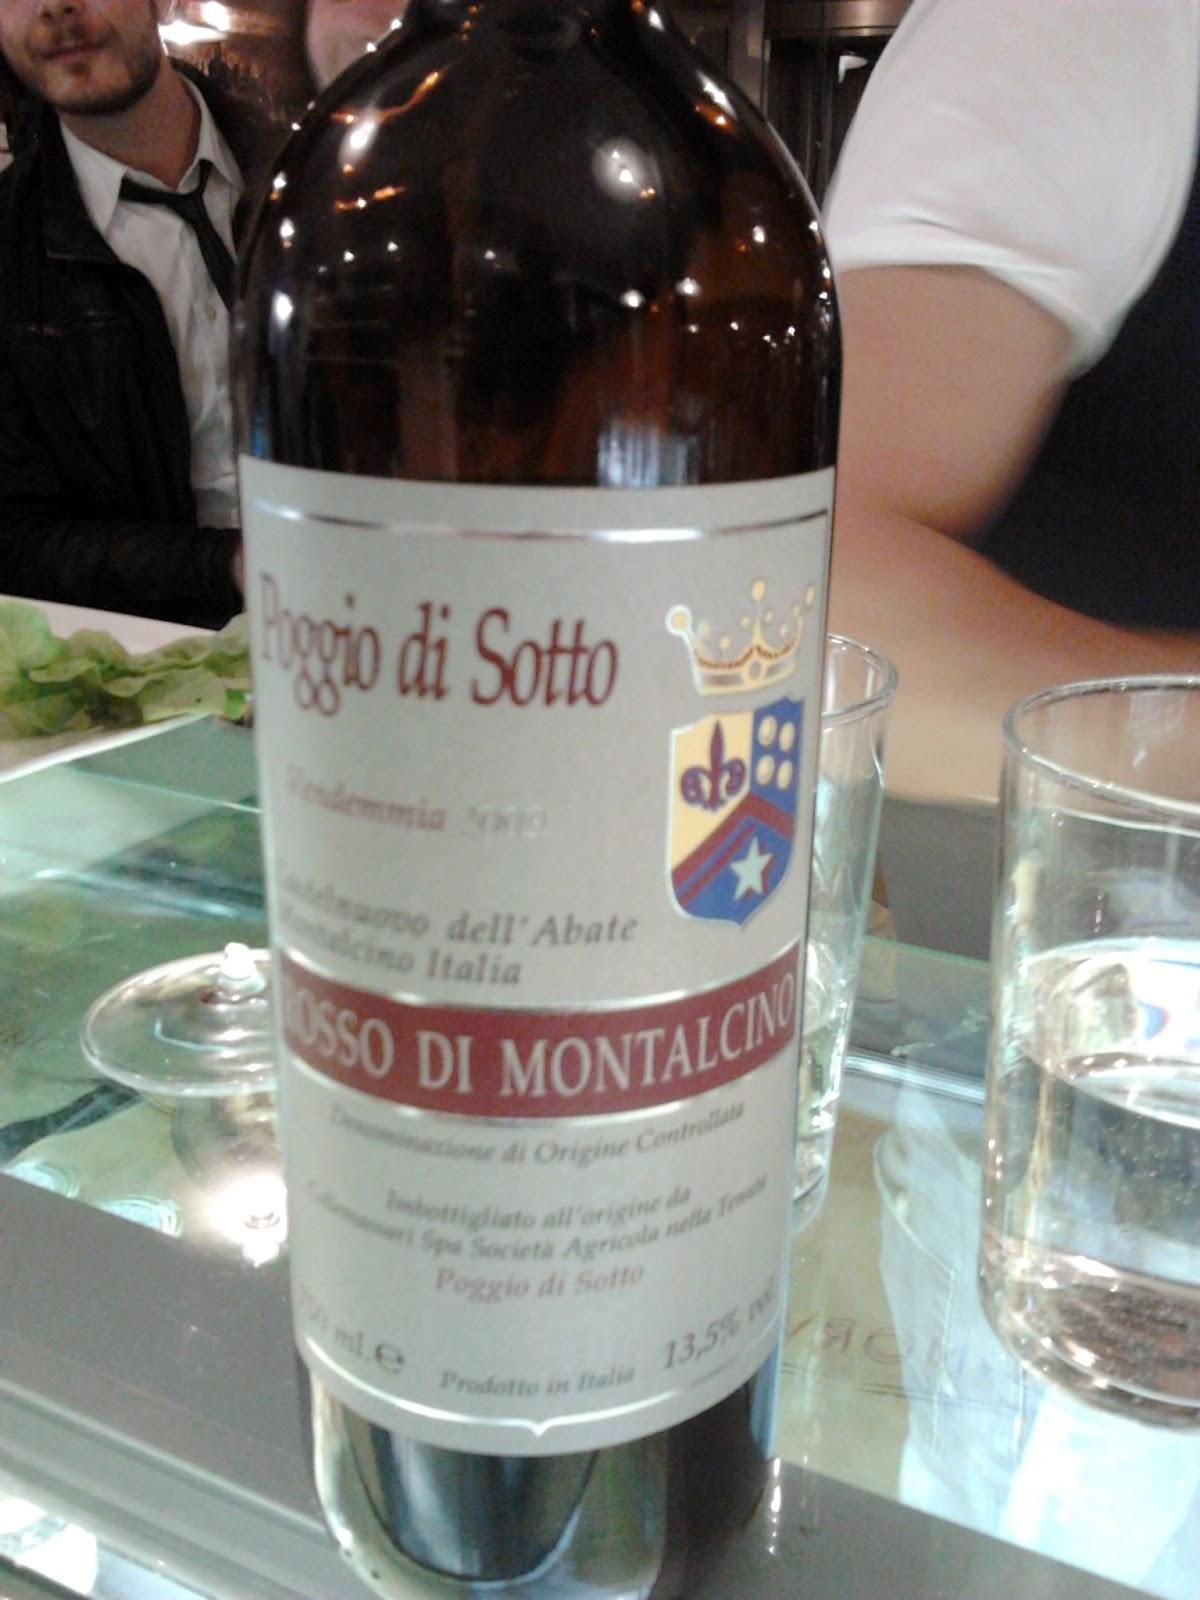 http://www.collemassari.it/it/prodotti-poggio-di-sotto/rosso-di-montalcino.html